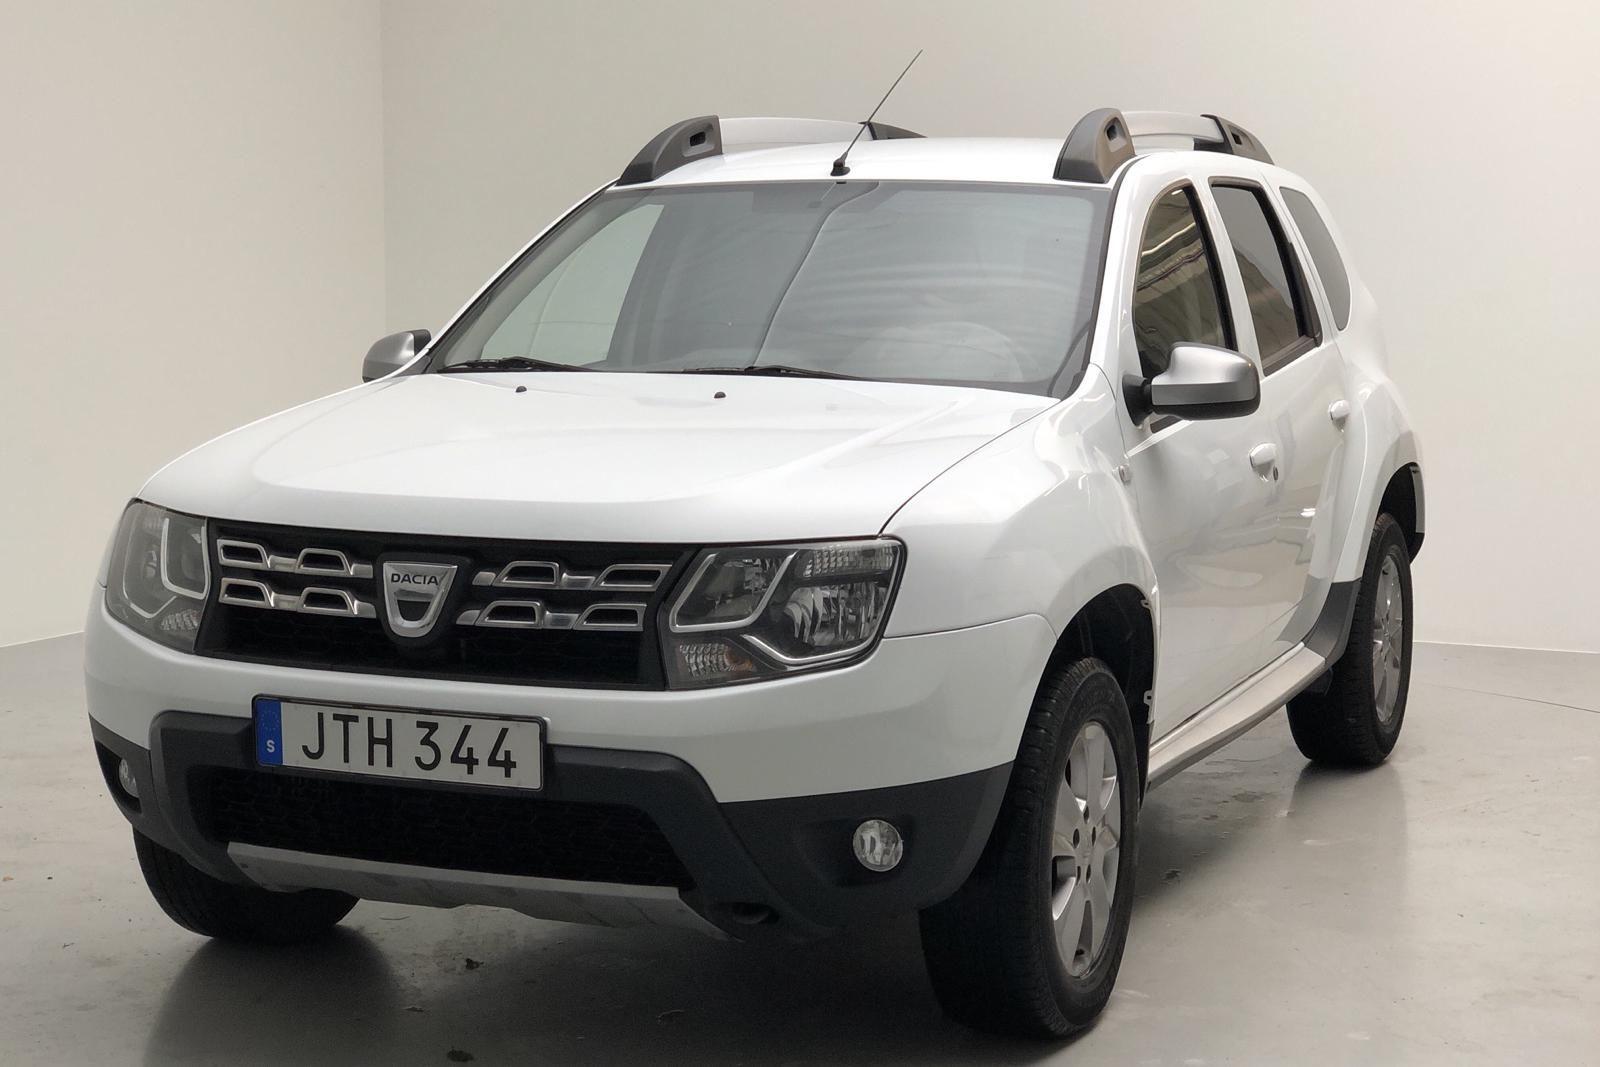 Dacia Duster 1.5 dCi 4x2 (109hk)